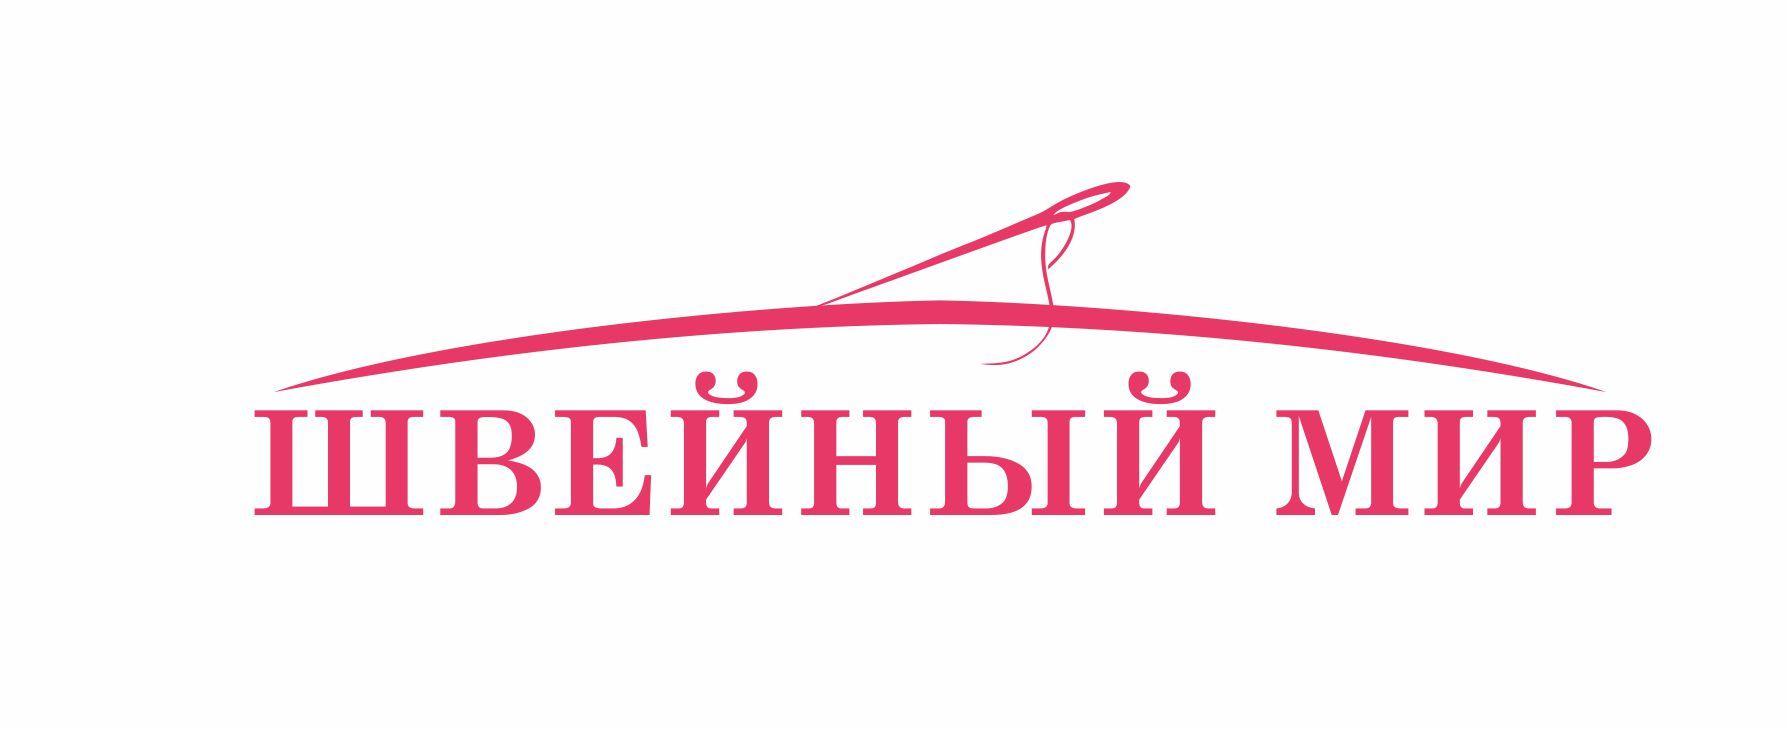 Логотип для ООО Швейный мир - дизайнер janezol